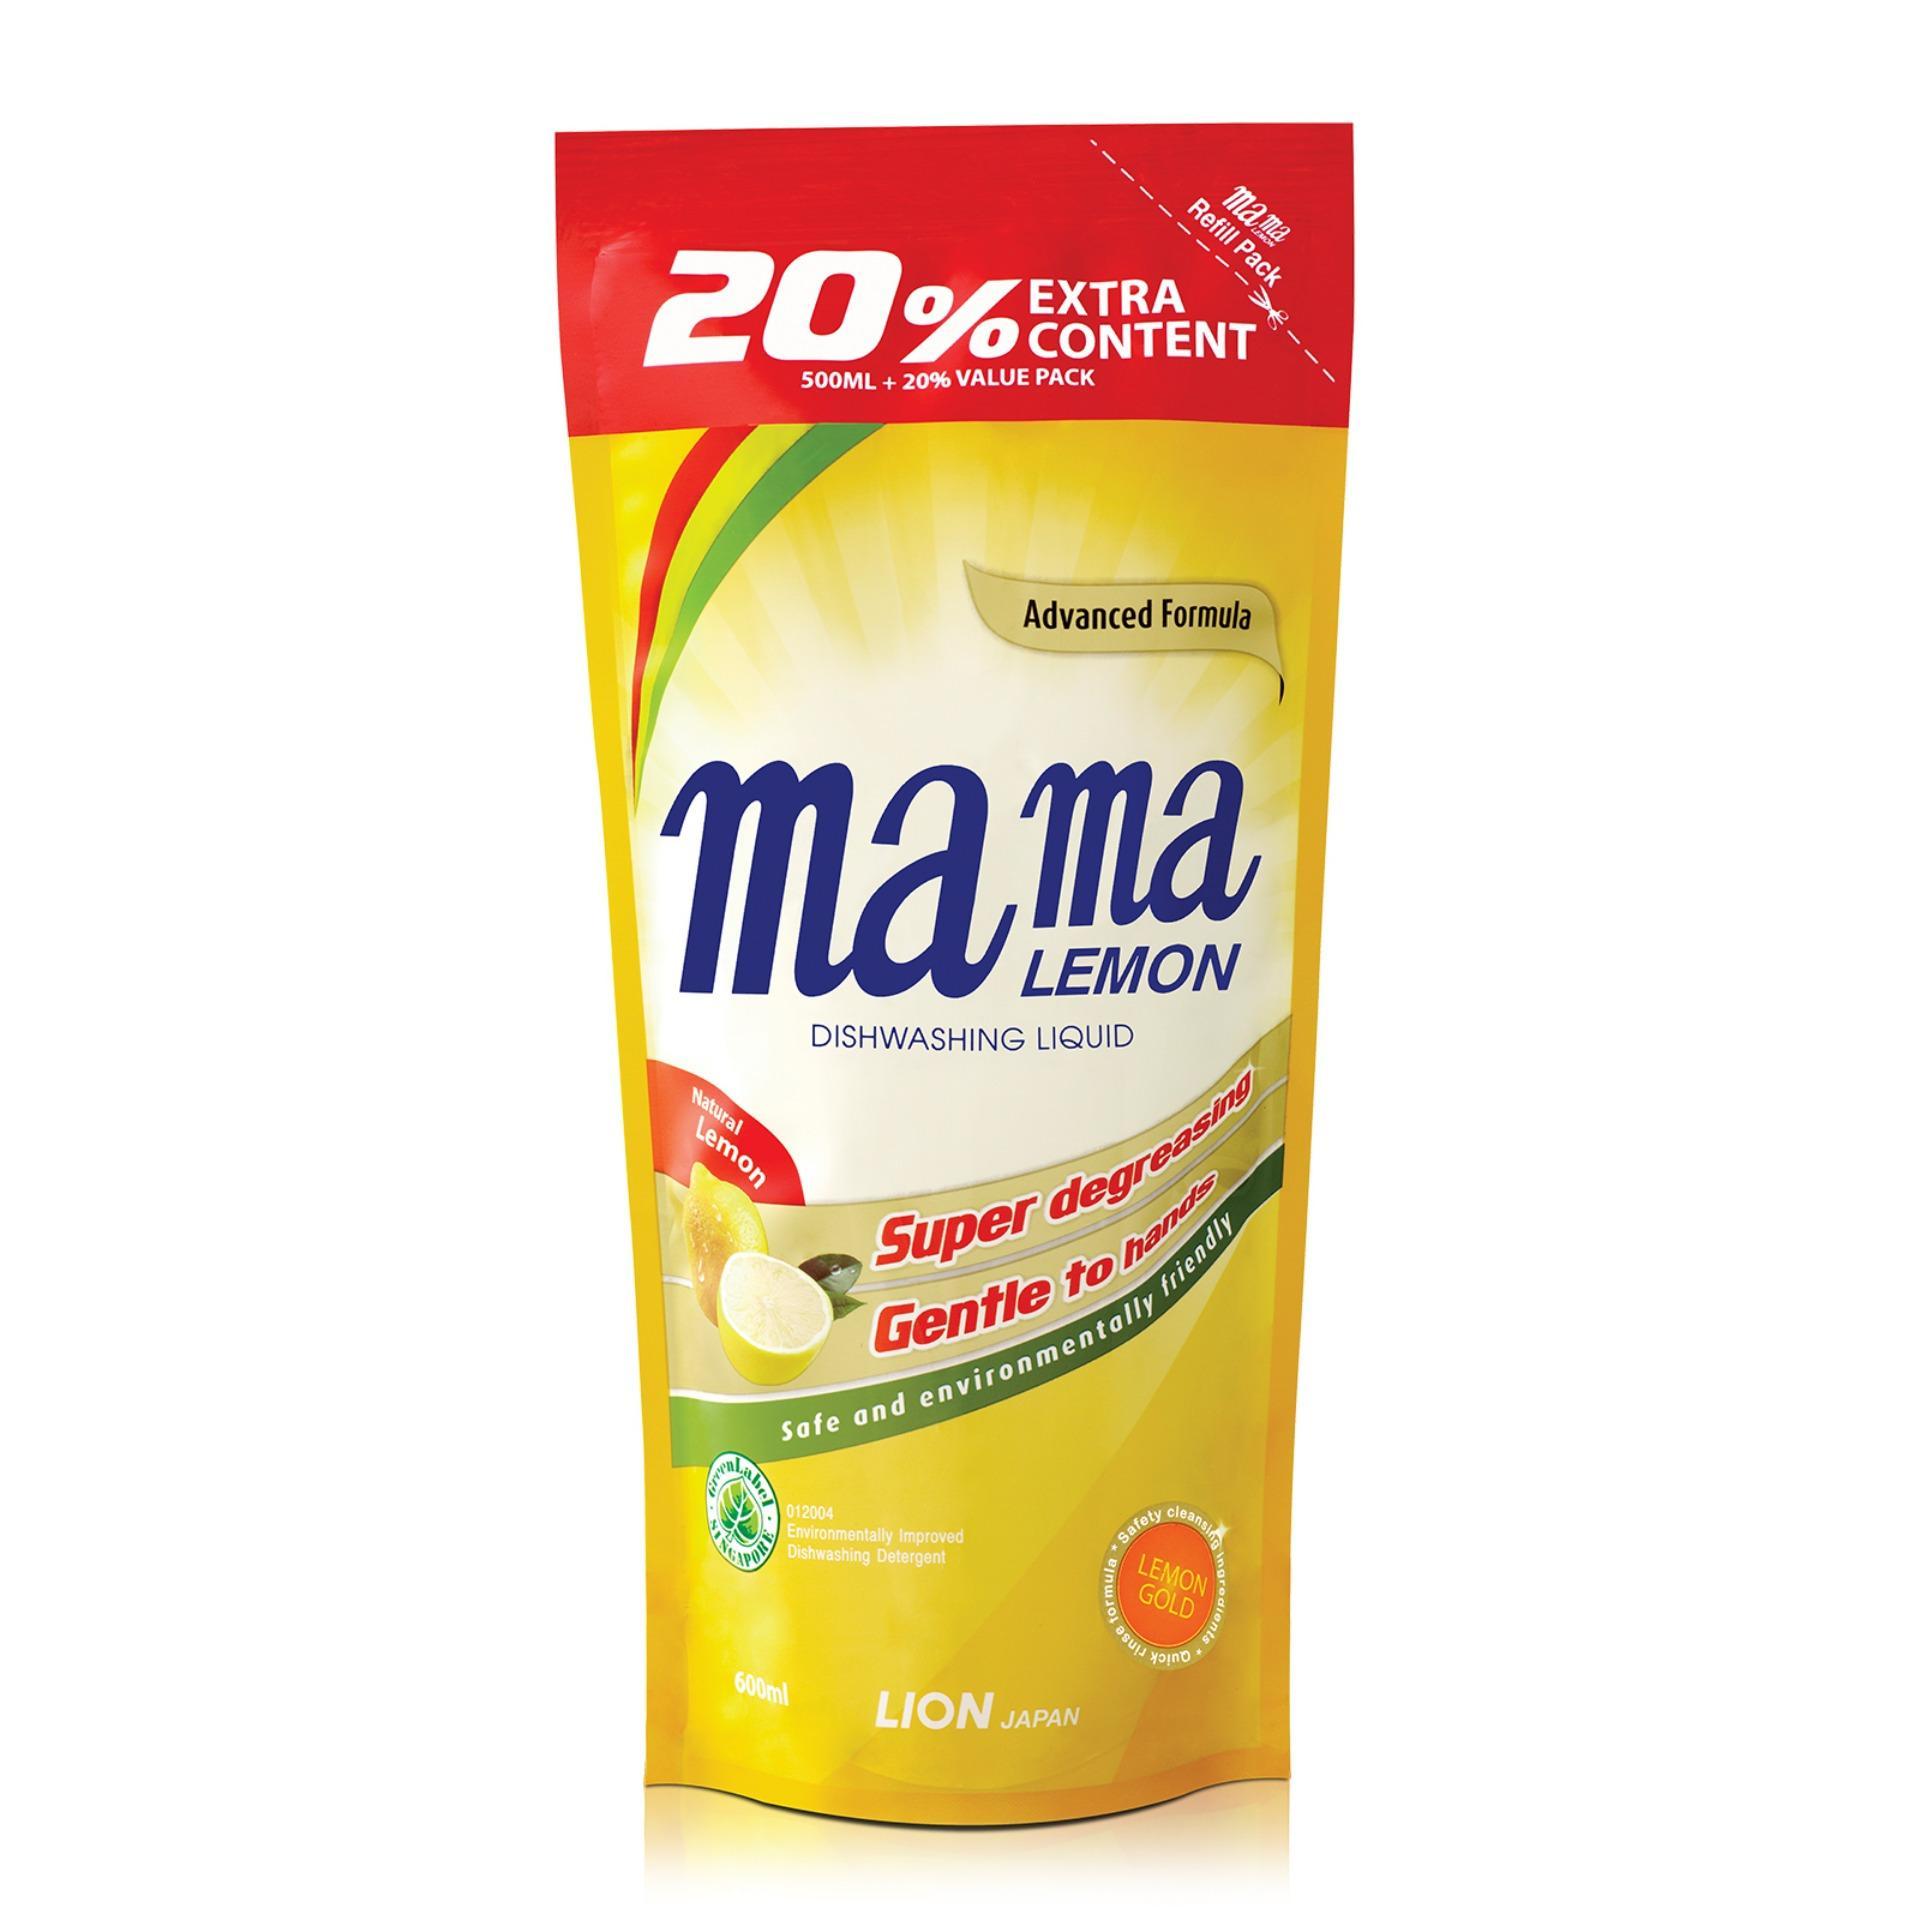 Mama Lemon Dishwashing Liquid Refill (Lemon Gold) 600ml